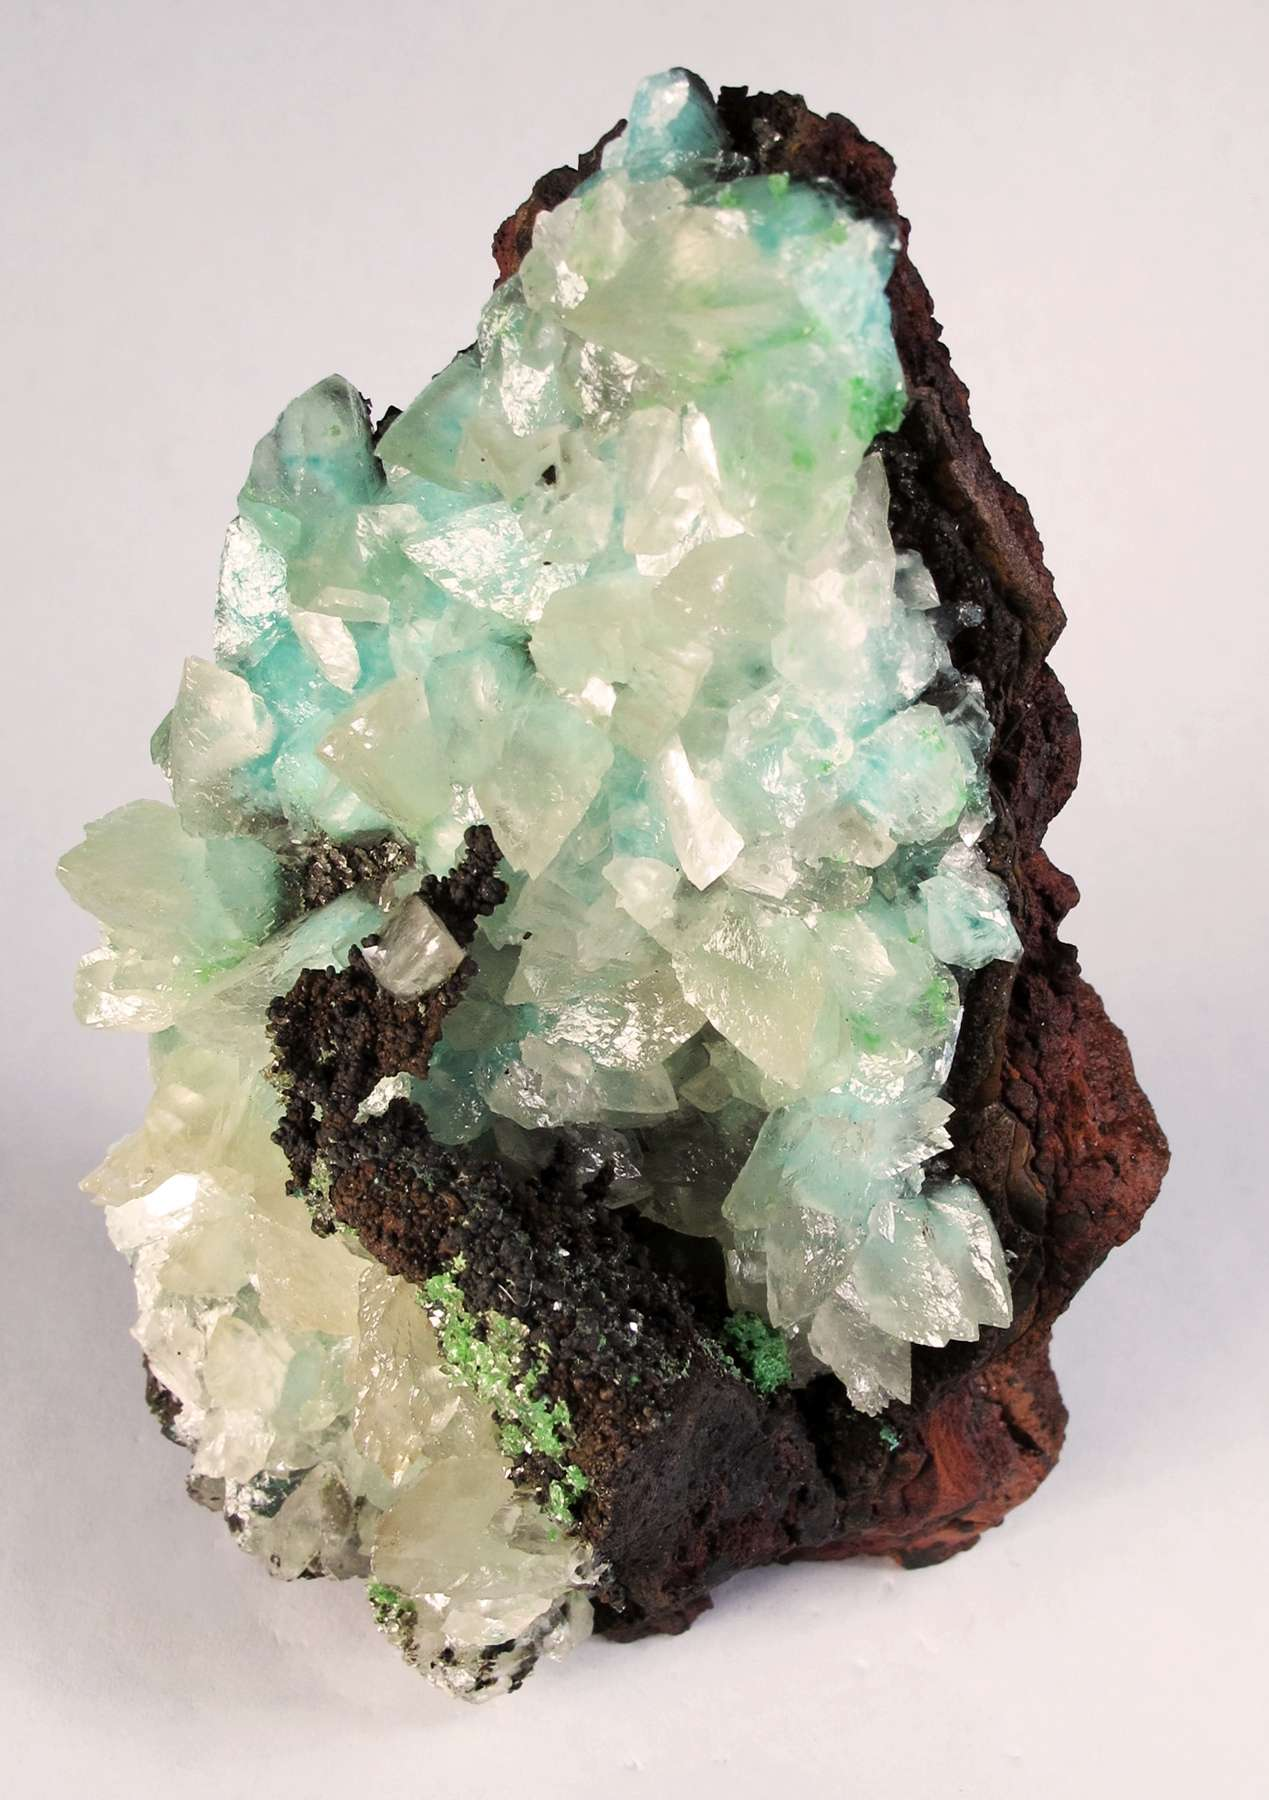 Nestled aesthetically vug ocherous limonite calcite crystals heavily